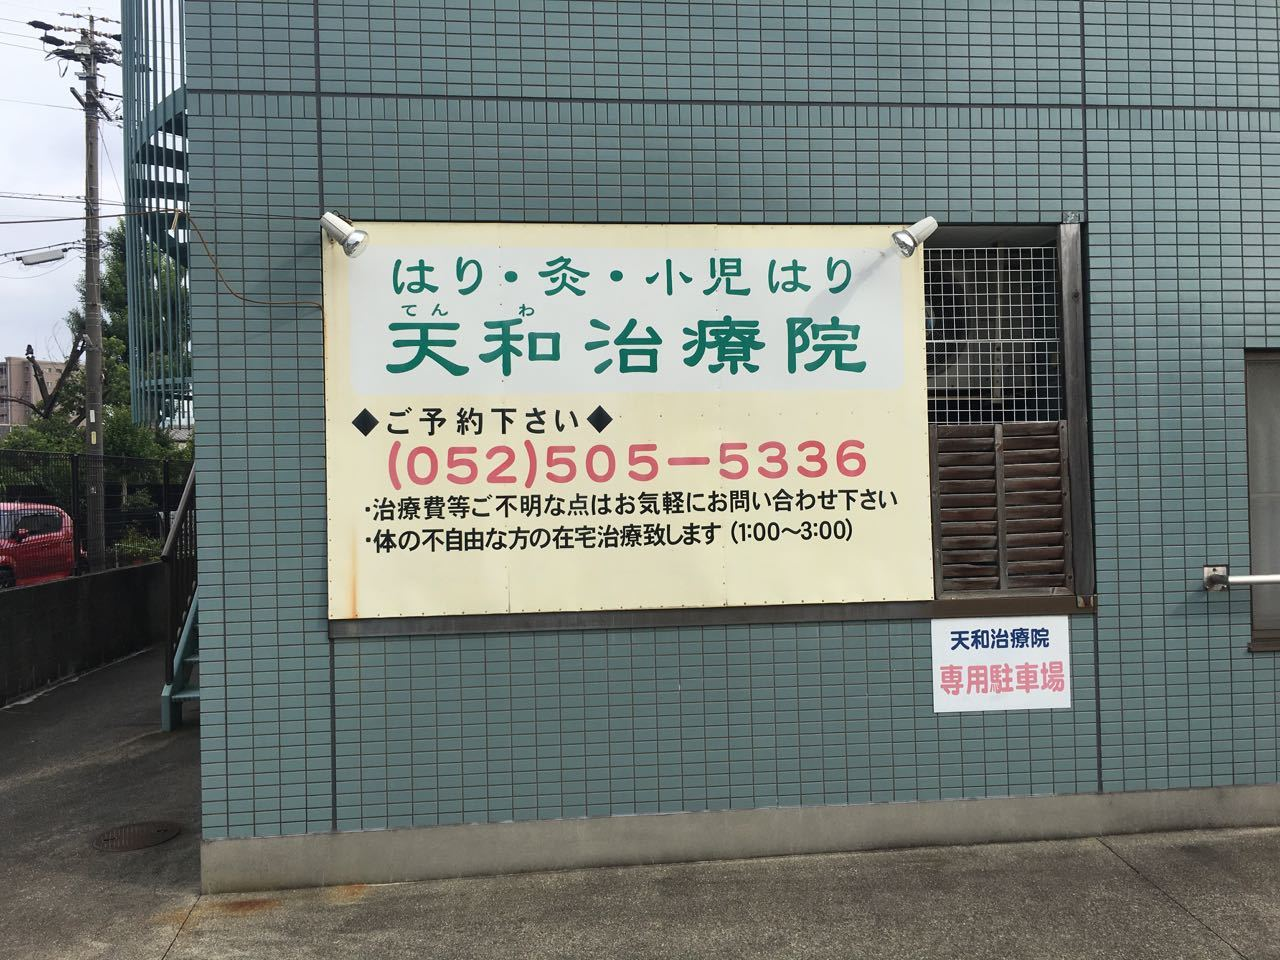 2019.07.10「金沢往復、するつもりだったのですが、、、」_c0197974_04185515.jpg